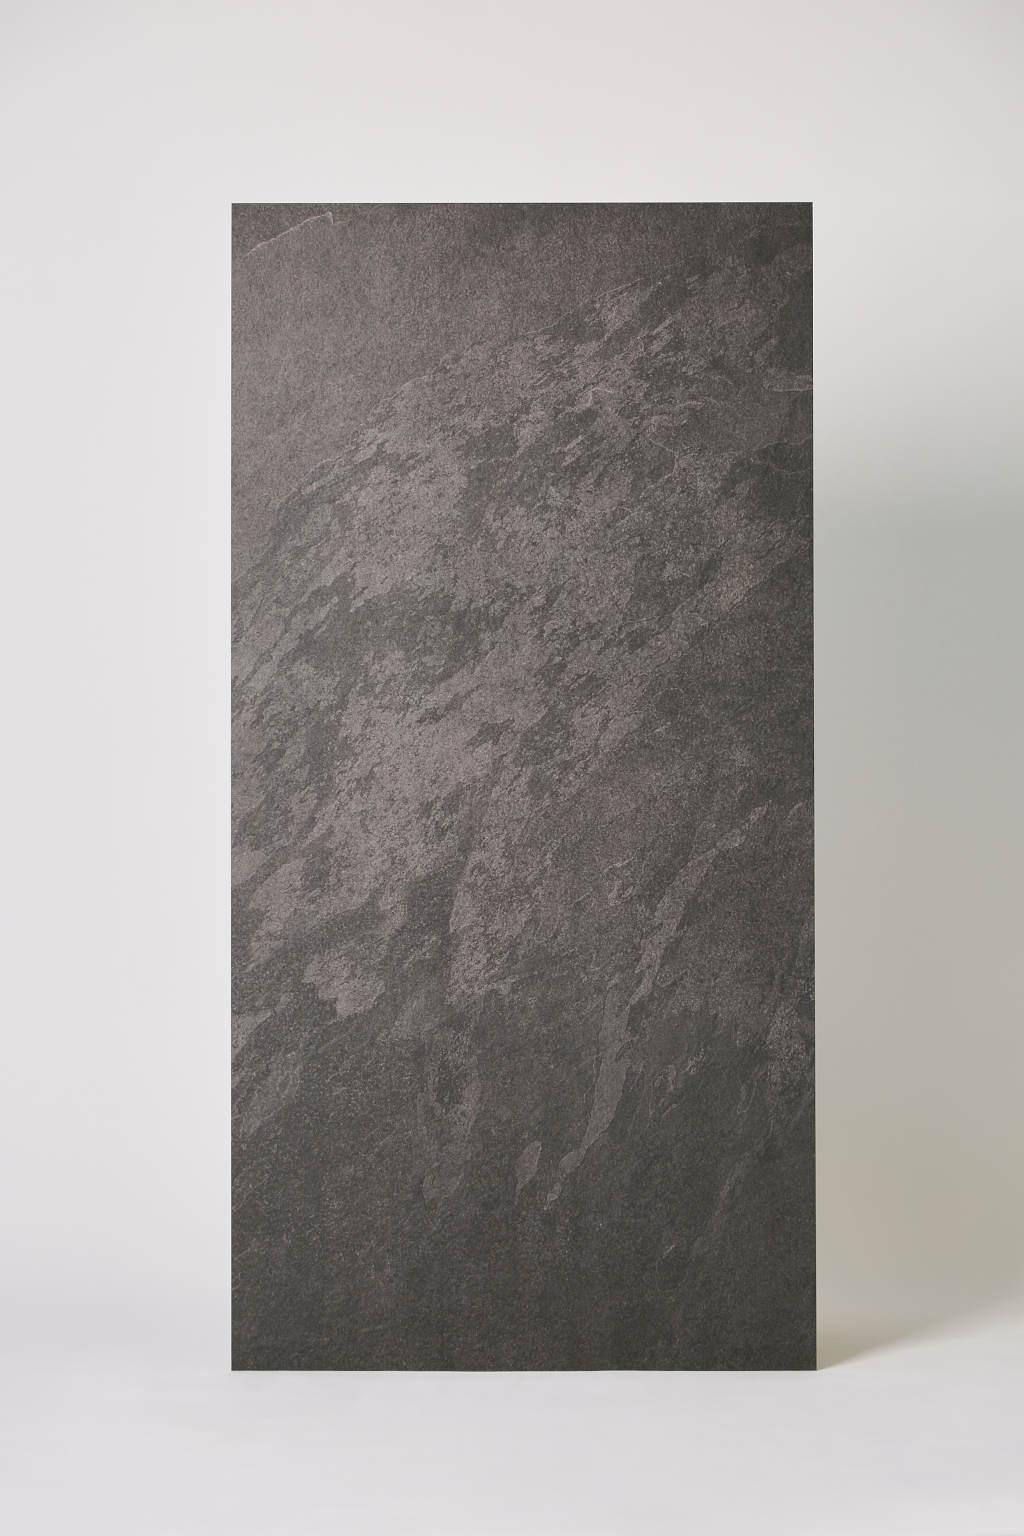 Płytka hiszpańska, gresowa, rektyfikowana, mrozoodporna, podłoga, ściana, matowa, rozmiar 60x120cm, łazienka, salon - ROCERSA Axis black